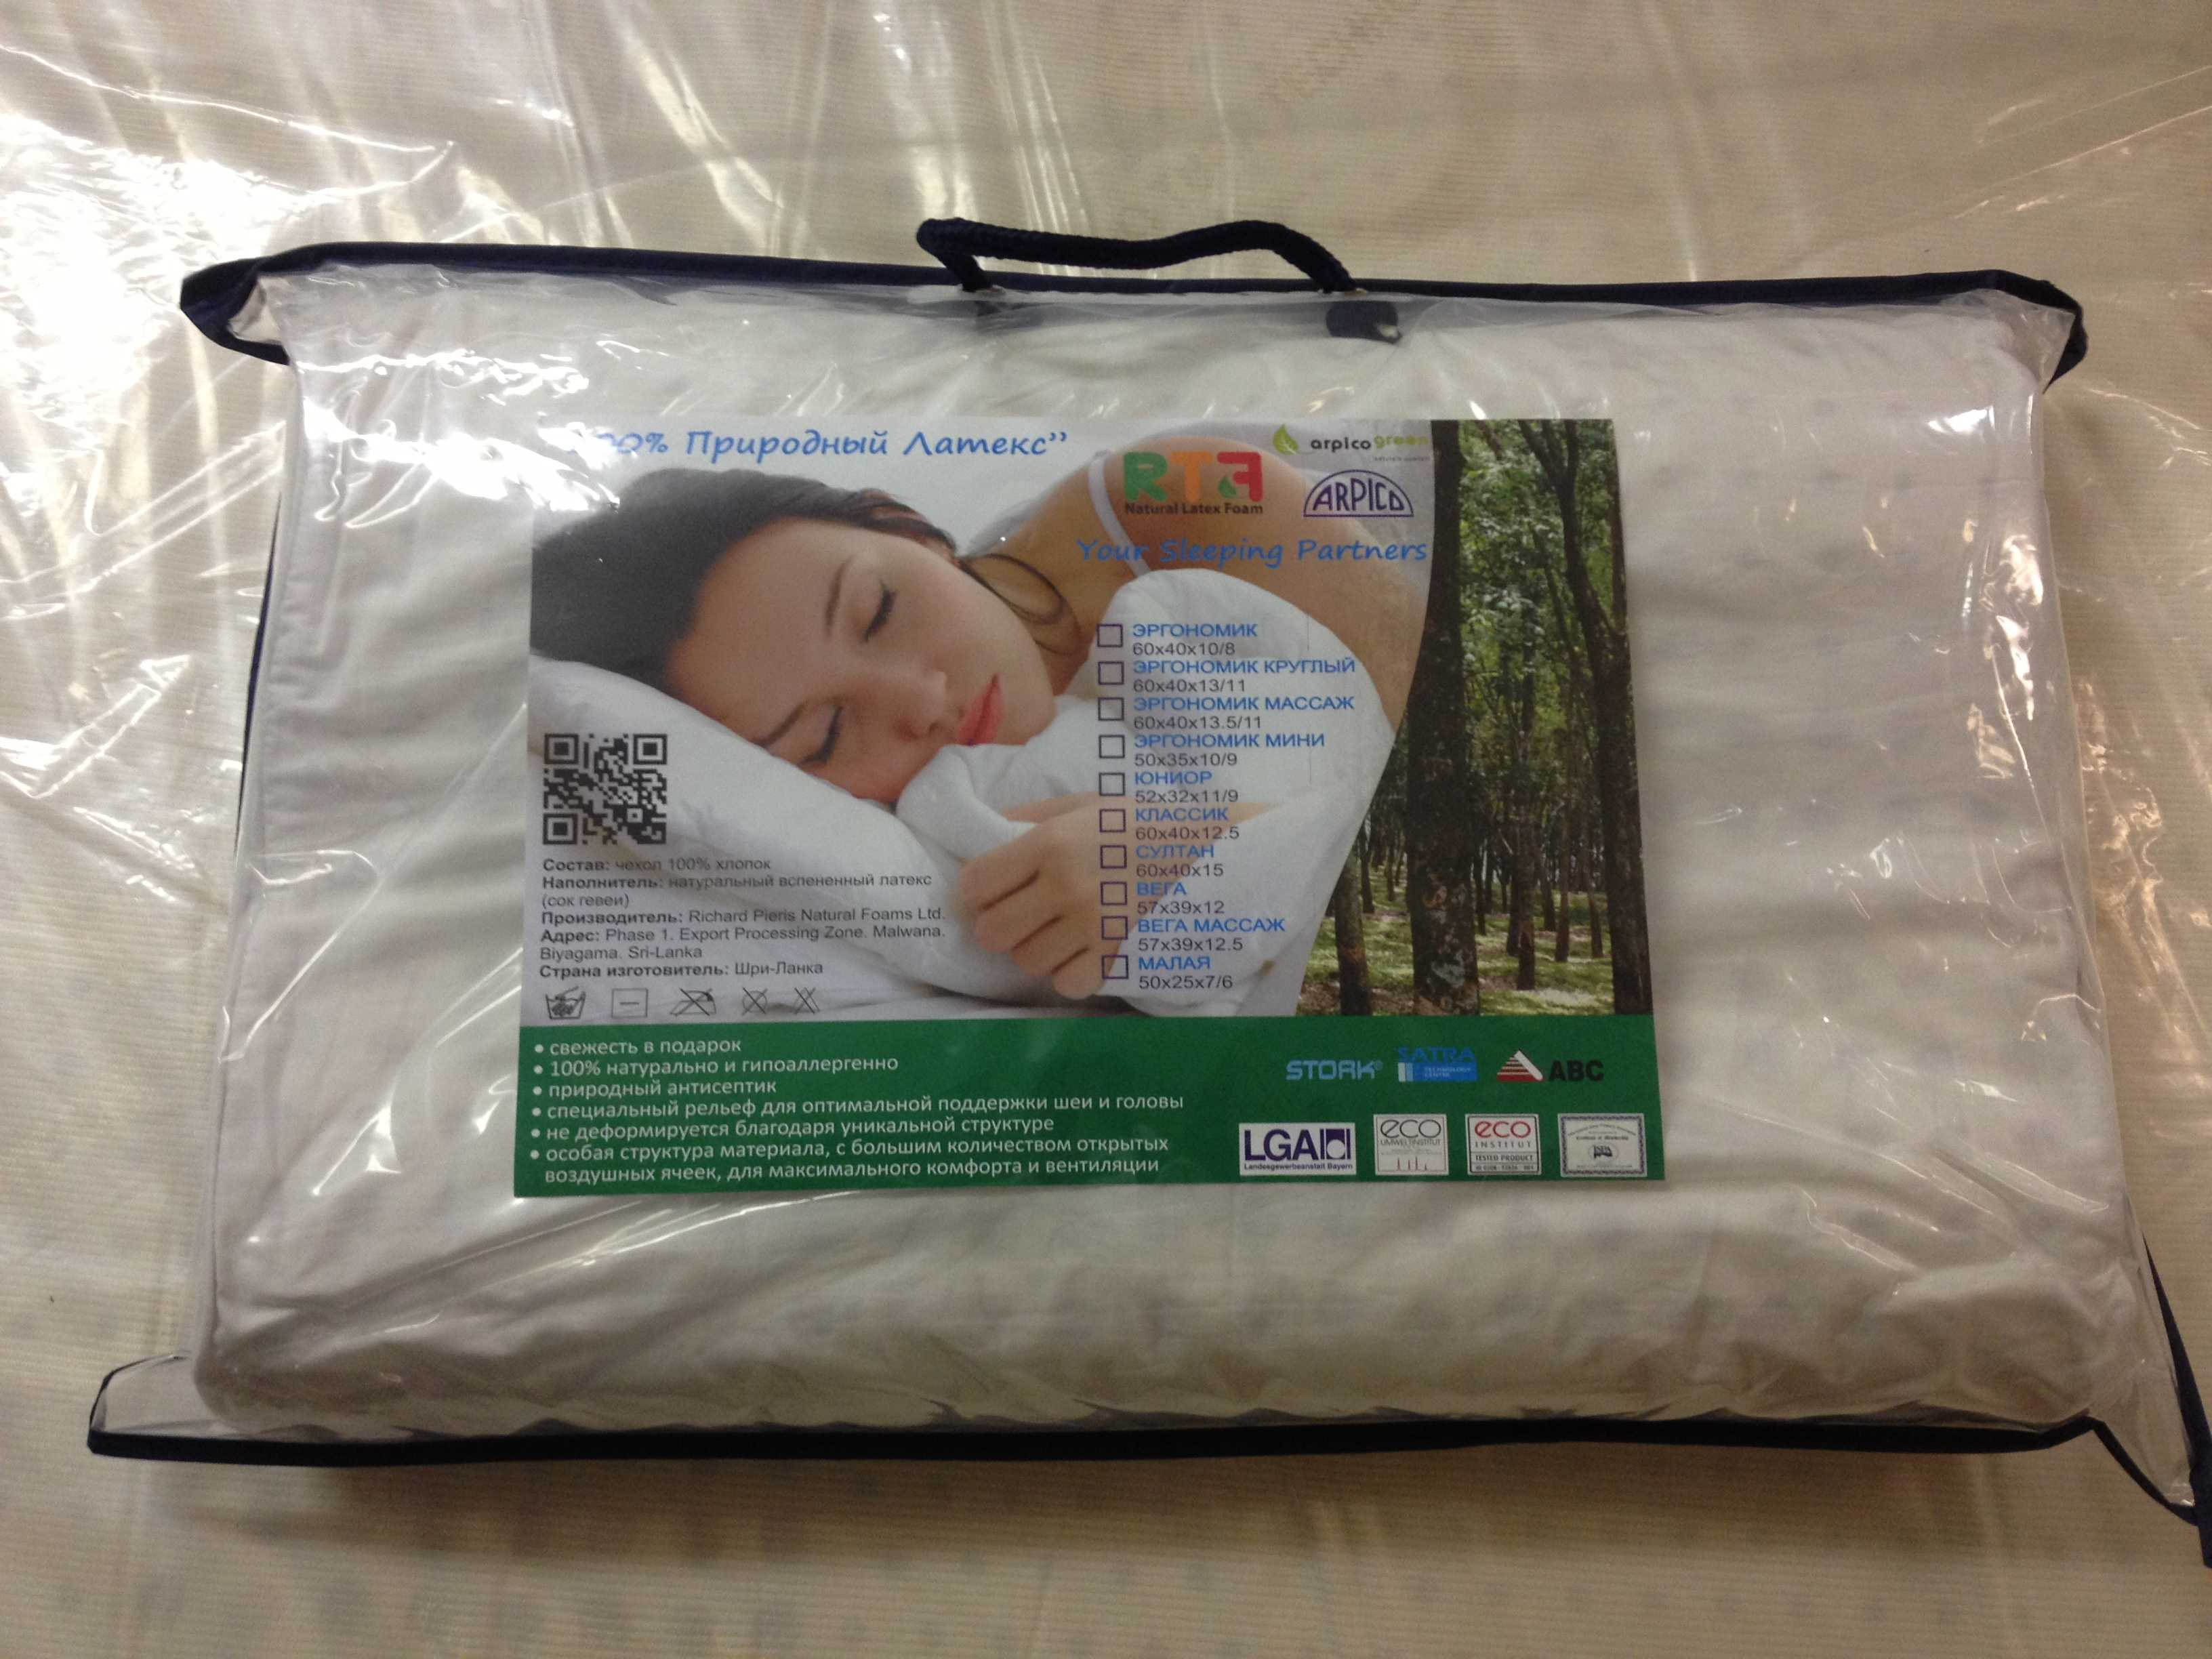 Для здорового сна! Для ваших родных и близких! Последняя неделя сбора ортопедических подушек из латекса. Успей!